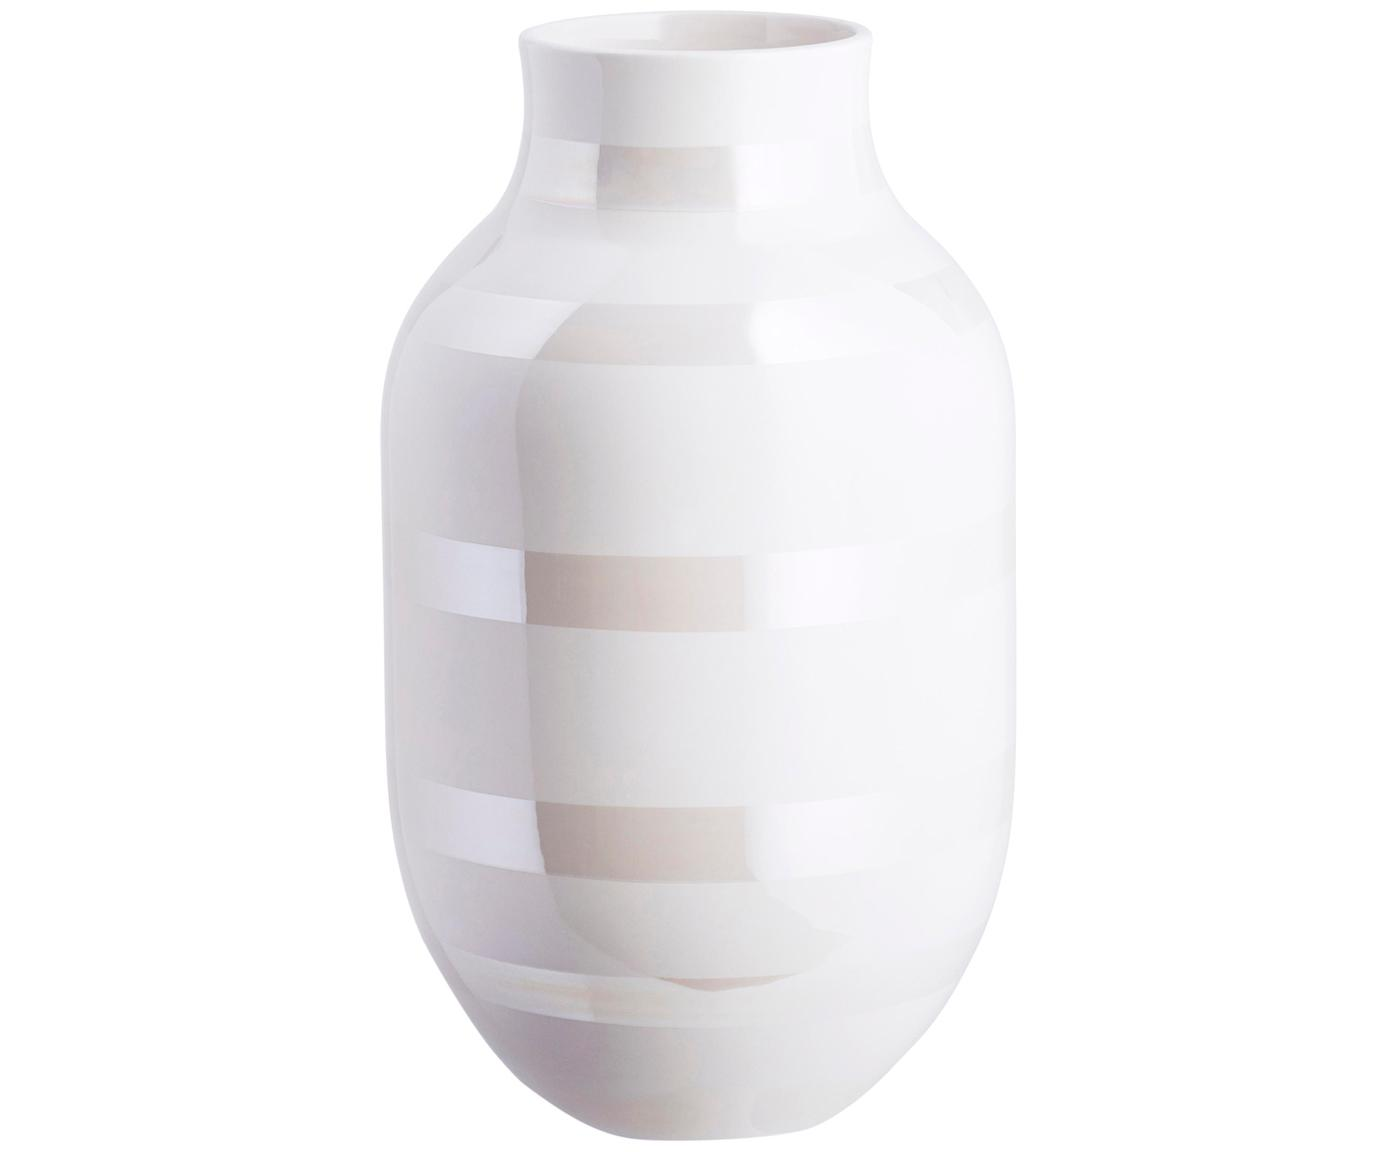 Jarrón artesanal de diseño Omaggio, grande, Cerámica, Blanco, colores de perla, Ø 20 x Al 31 cm